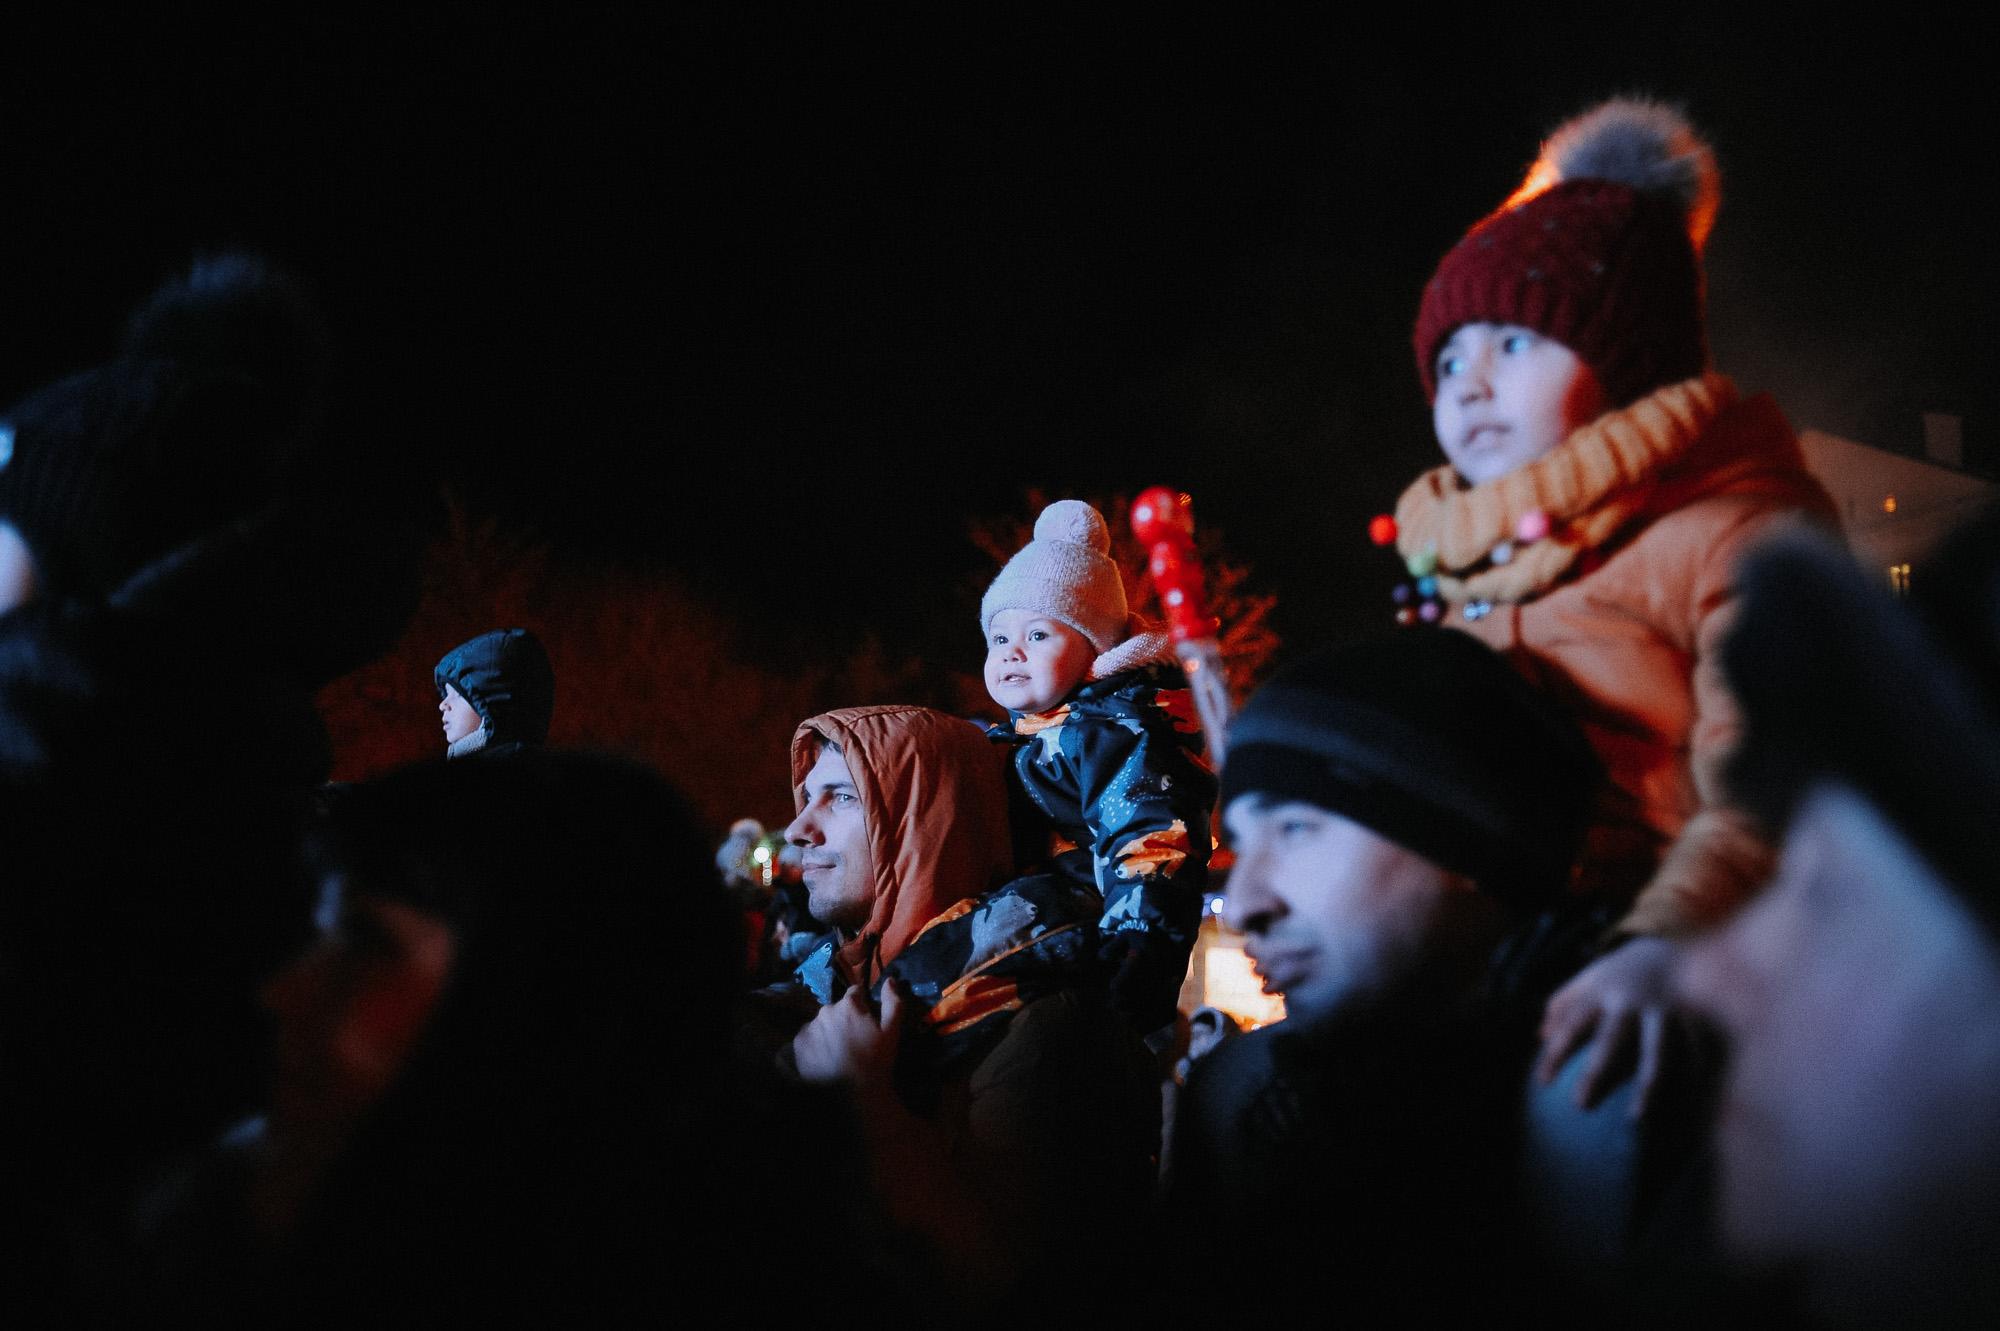 ZZZ 6946 В Астрахани на площади Ленина зажгли новогоднюю елку: кадры торжества